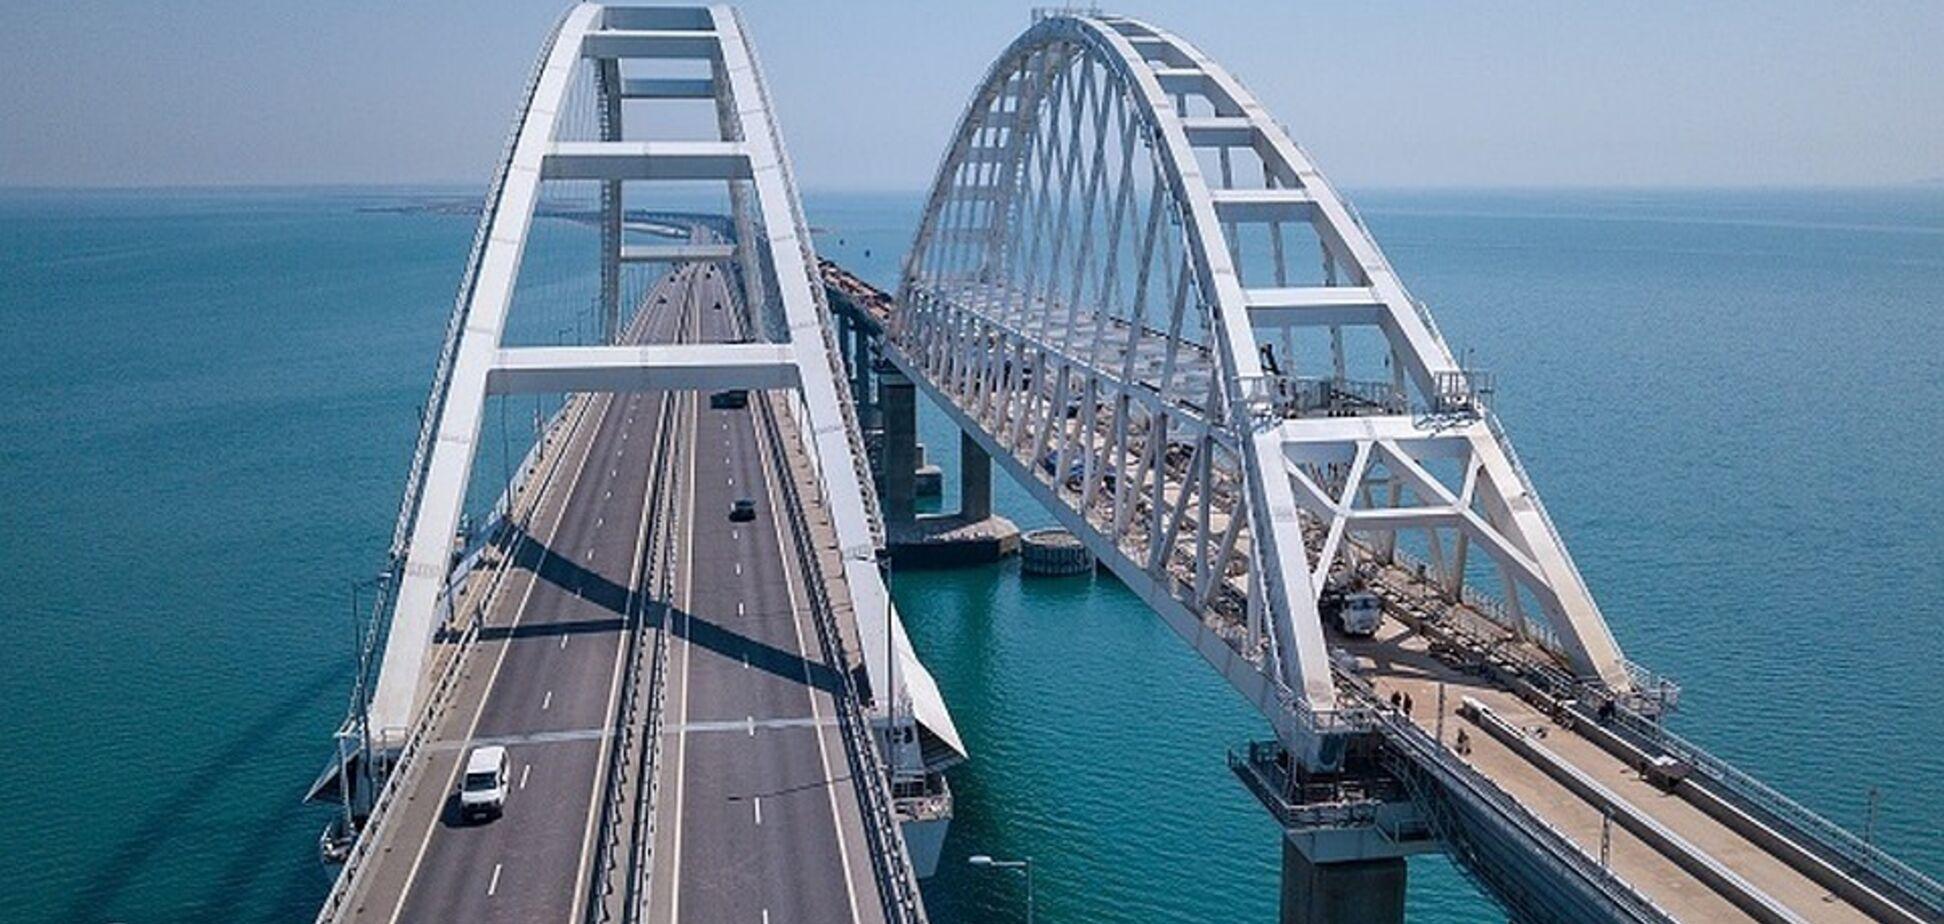 'Для ядерного оружия': названа скрытая опасность Крымского моста